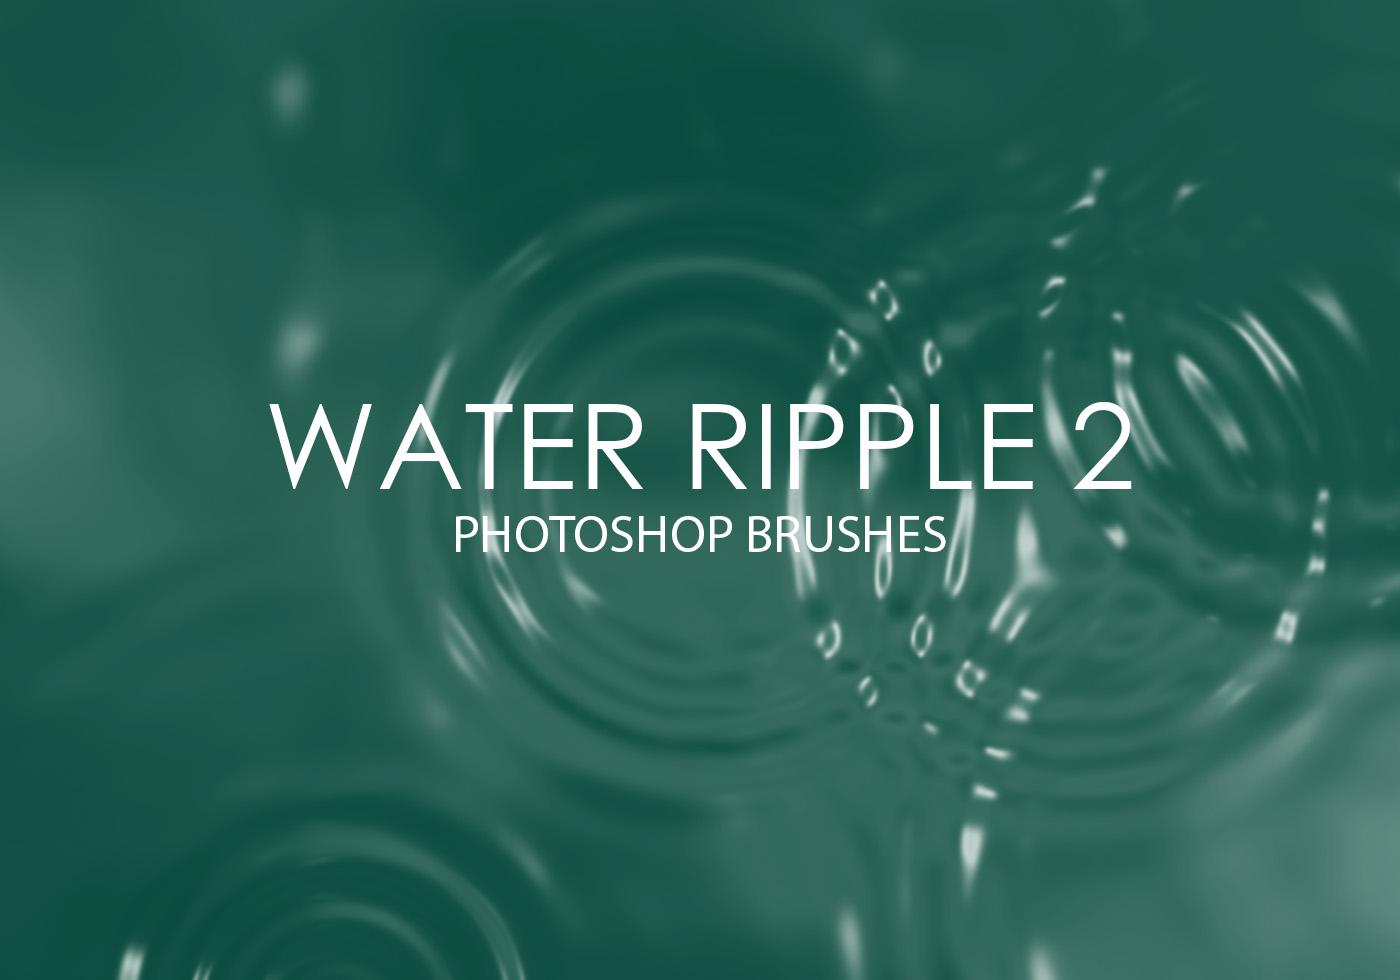 Water Ripples | Photoshop Free Brushes | 123Freebrushes